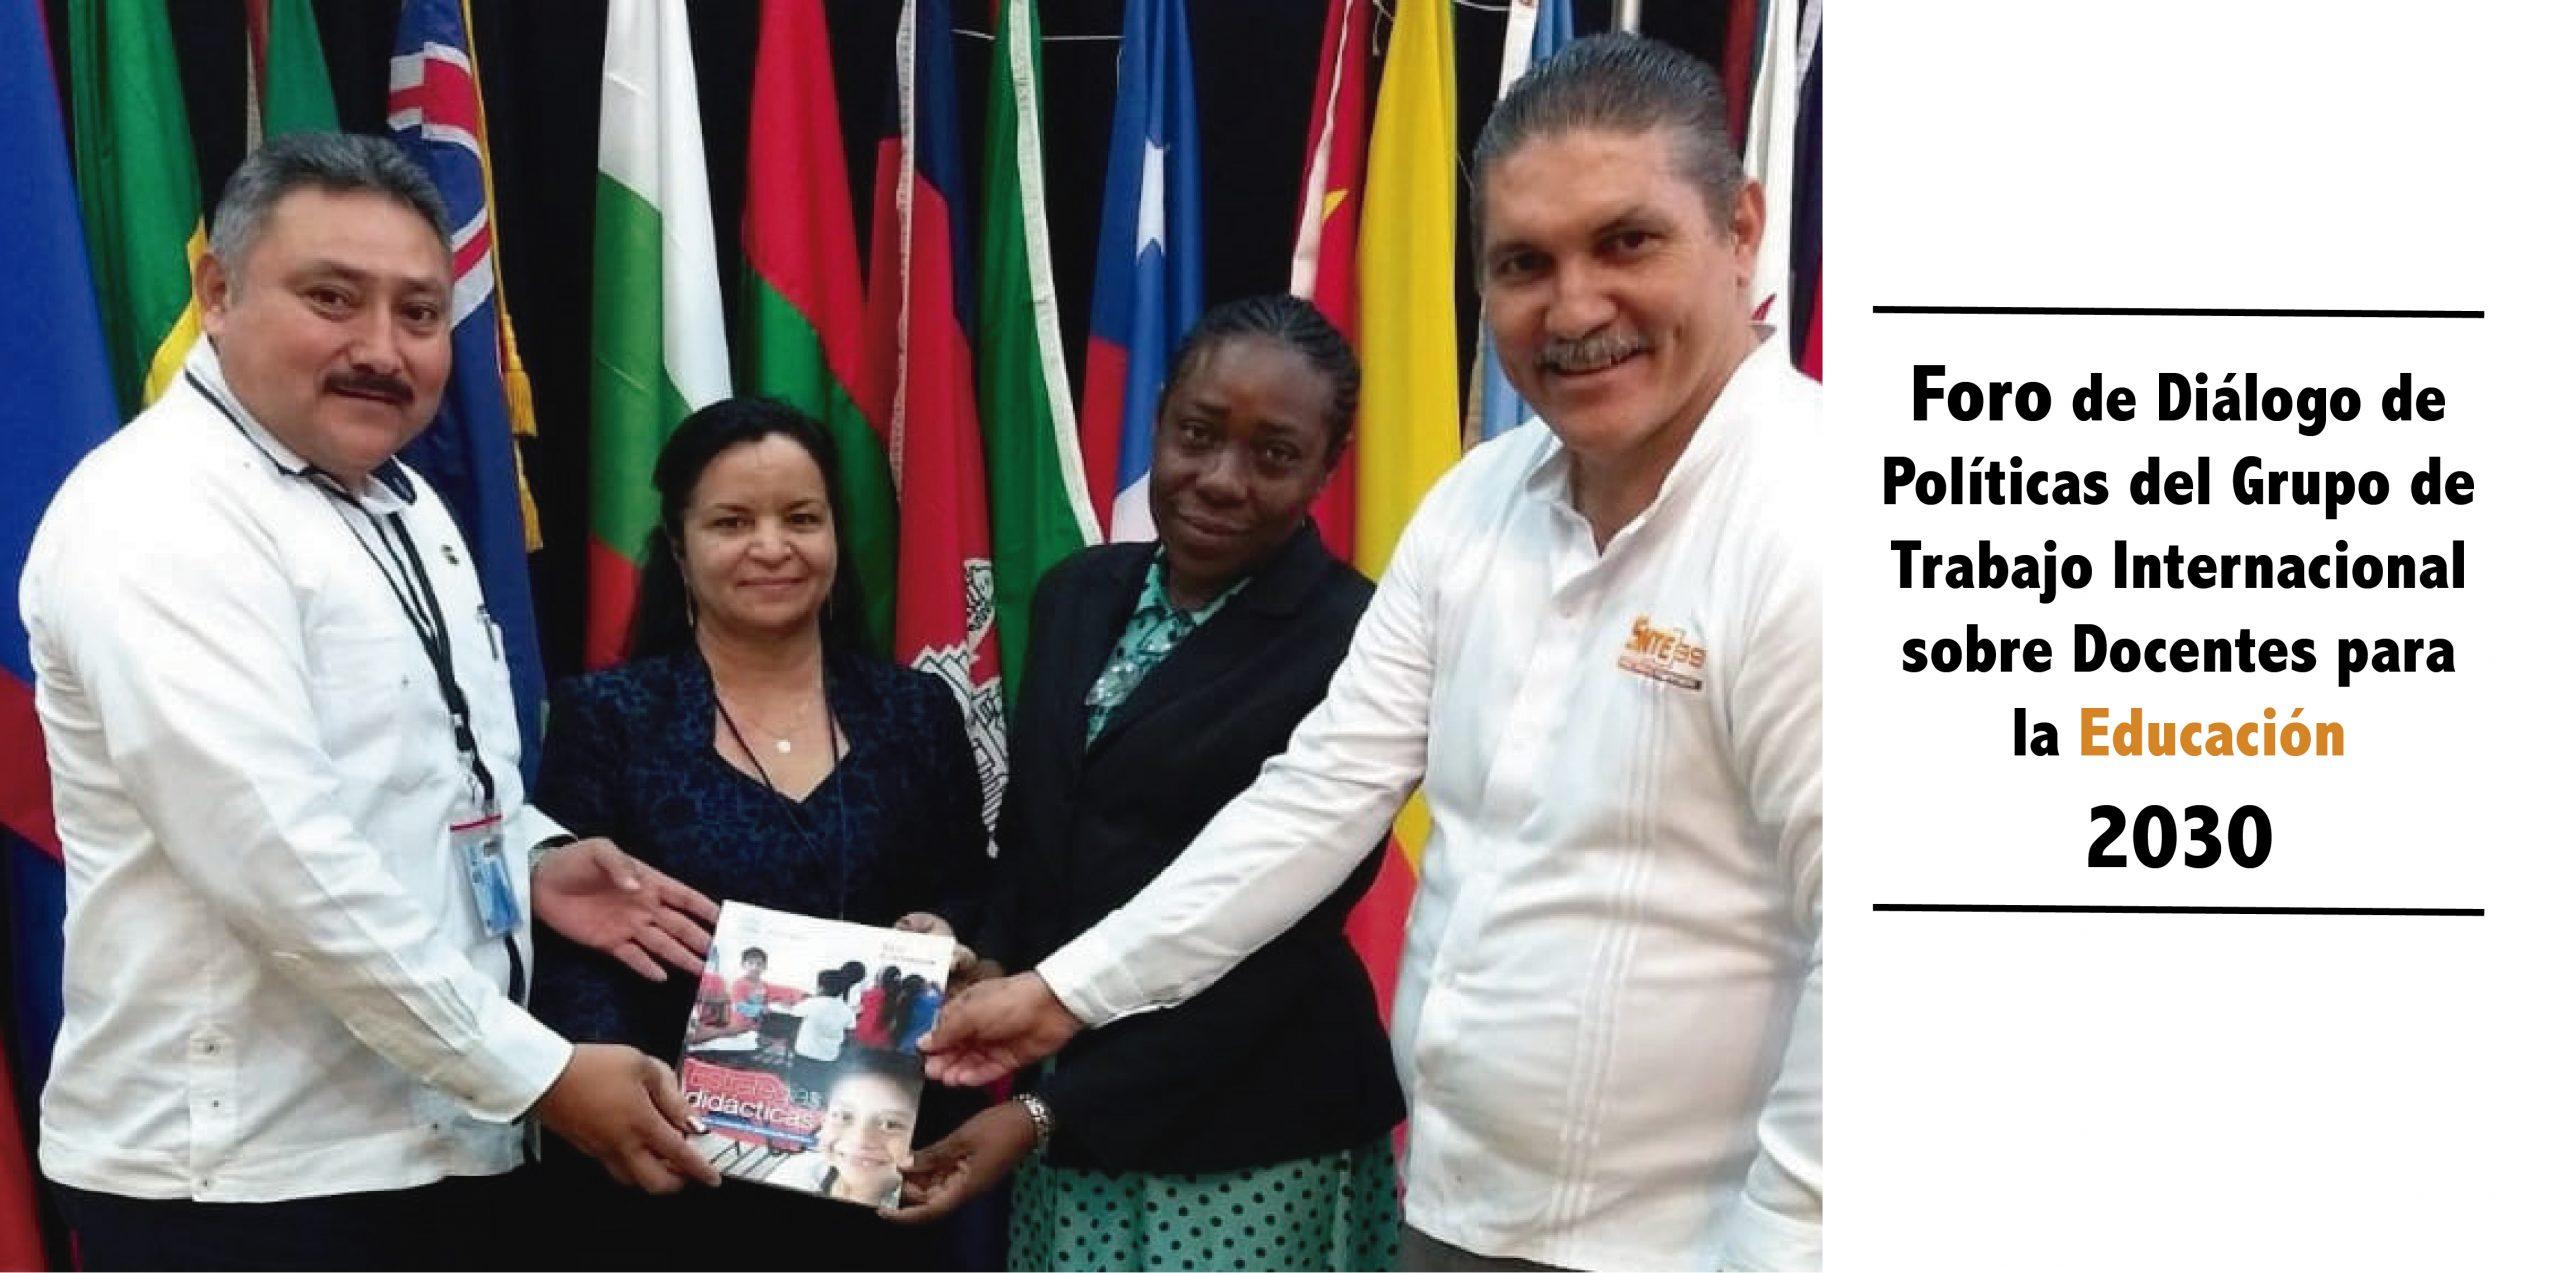 SNTE lleva a foro mundial sus acciones para la profesionalización docente